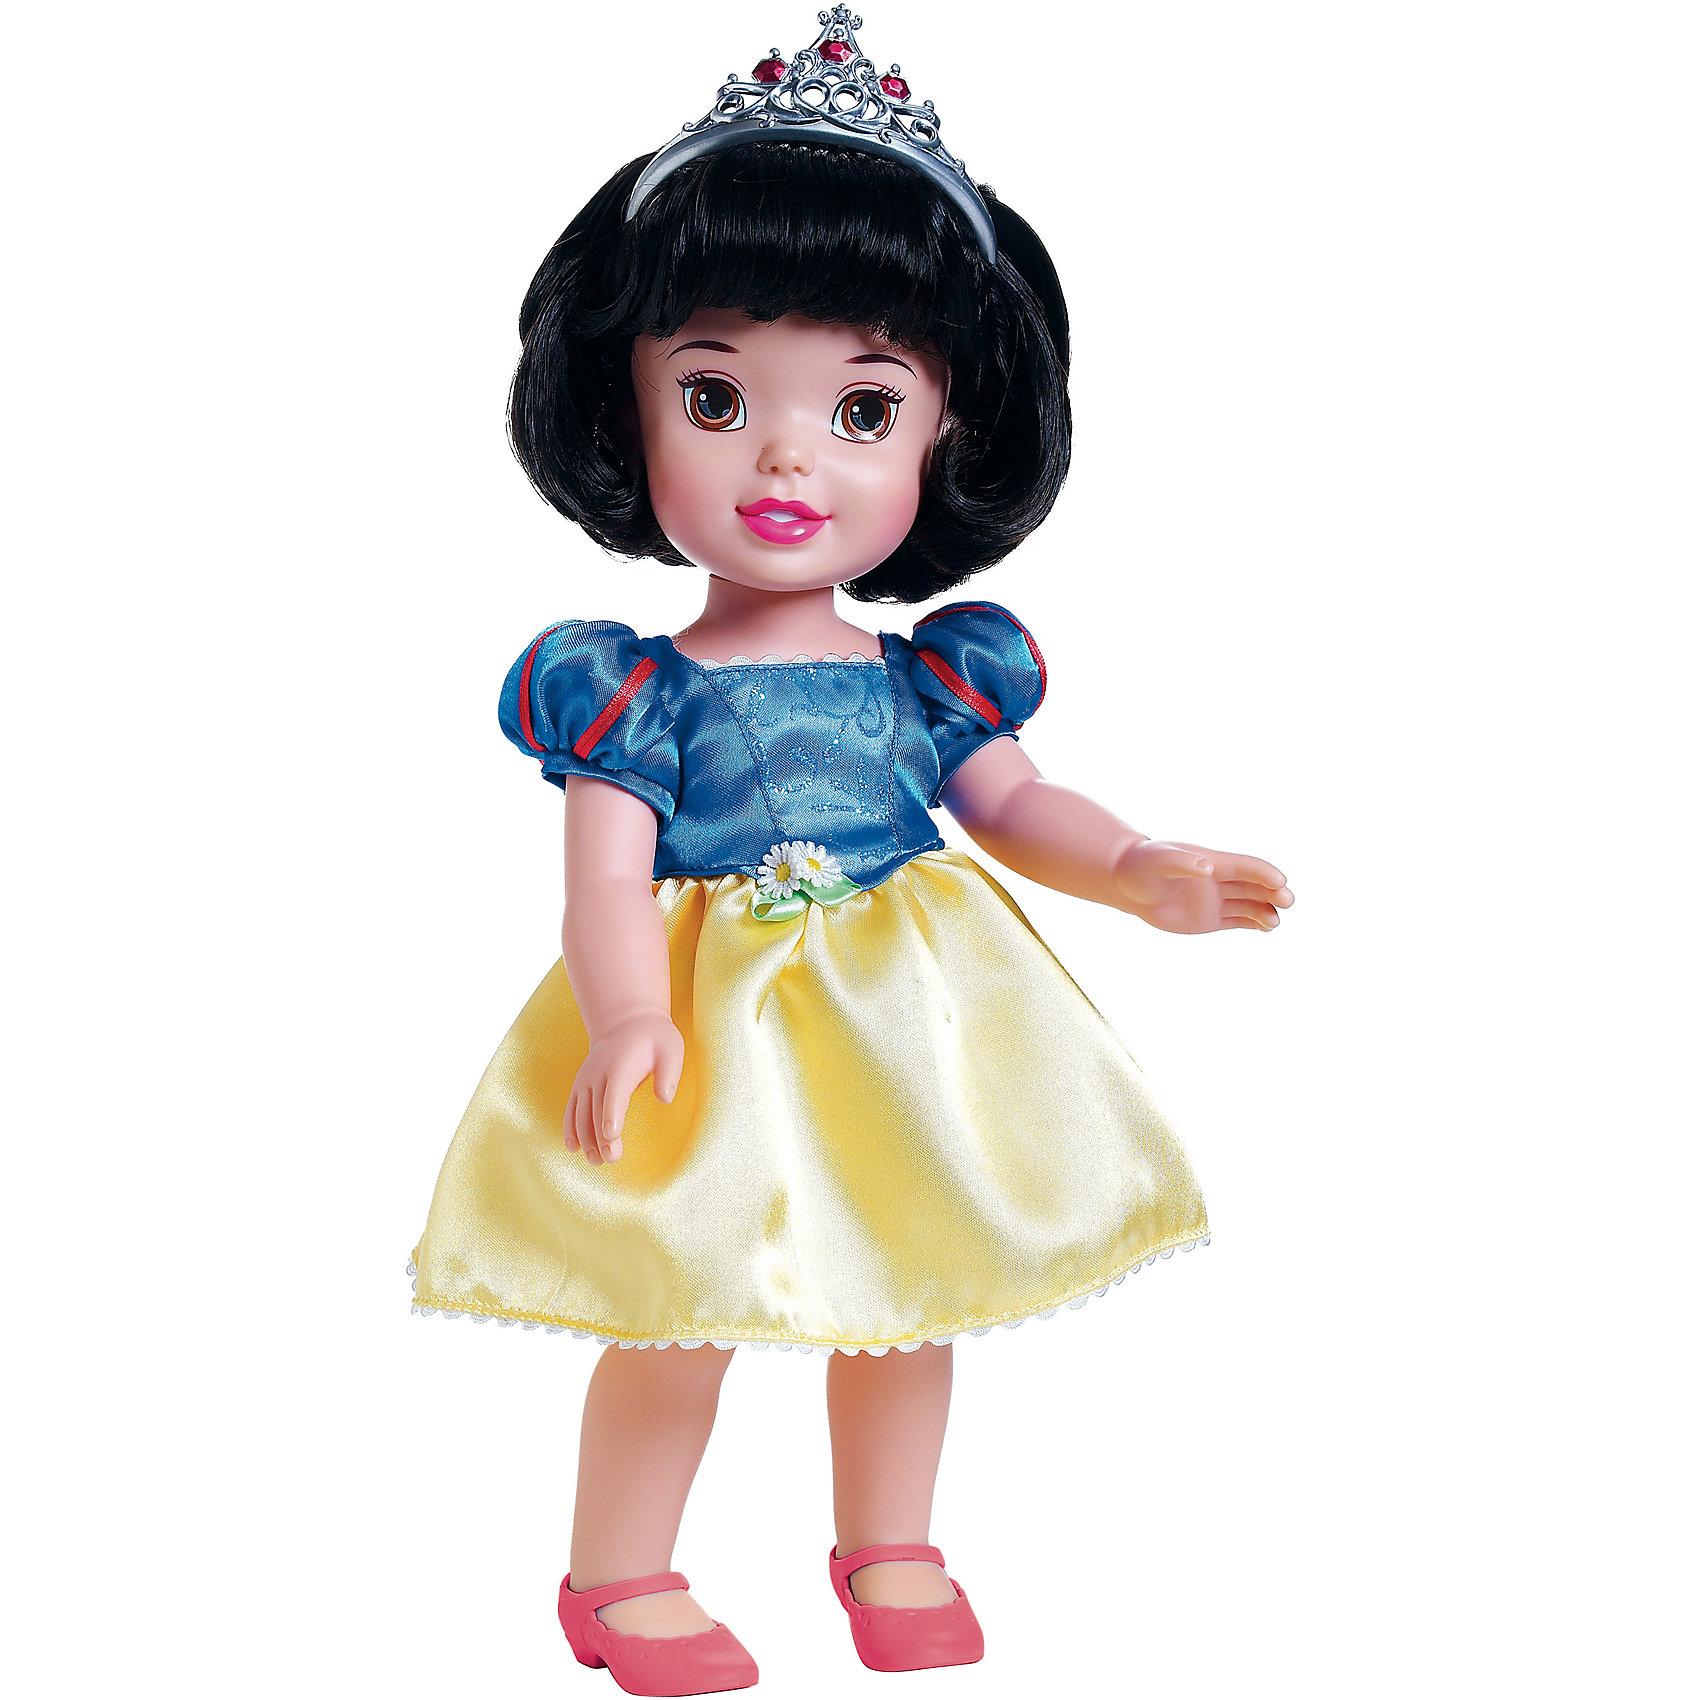 Jakks Pacific Кукла-малышка Принцессы Диснея - Белоснежка, 31 см кукла золушка 7 5 см принцессы дисней